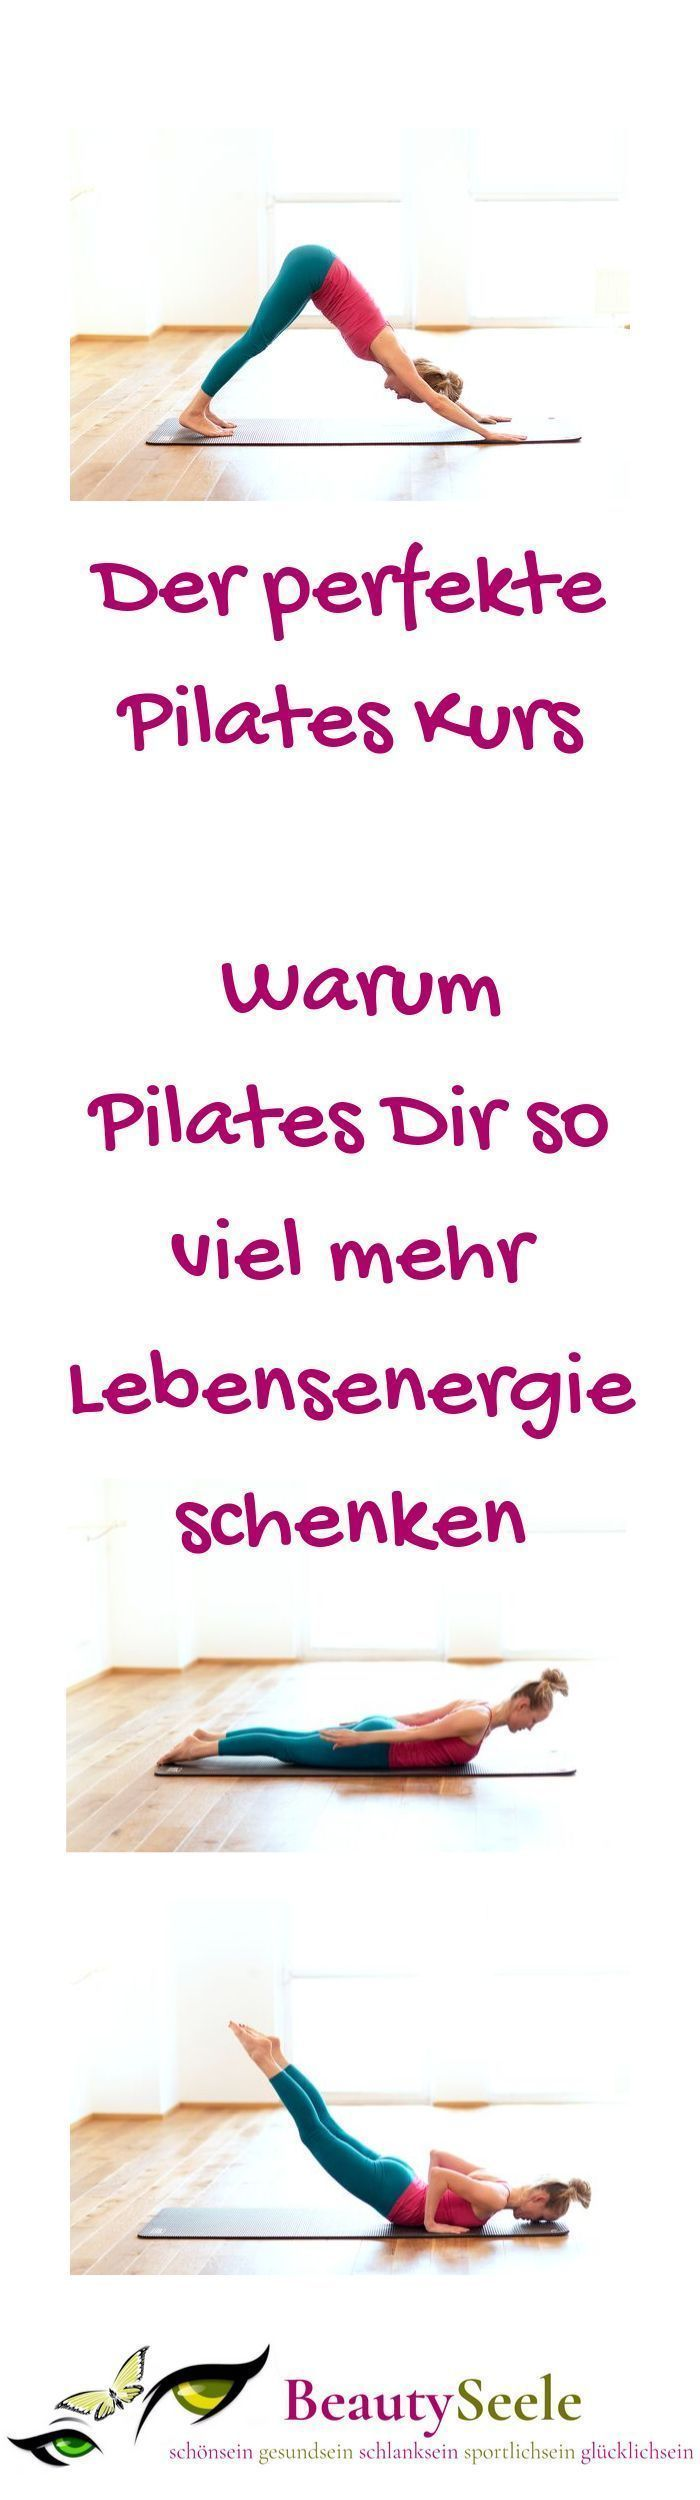 Der perfekte Pilates Kurs – Warum Pilates bungen Dir so viel mehr Lebensenergie schenken